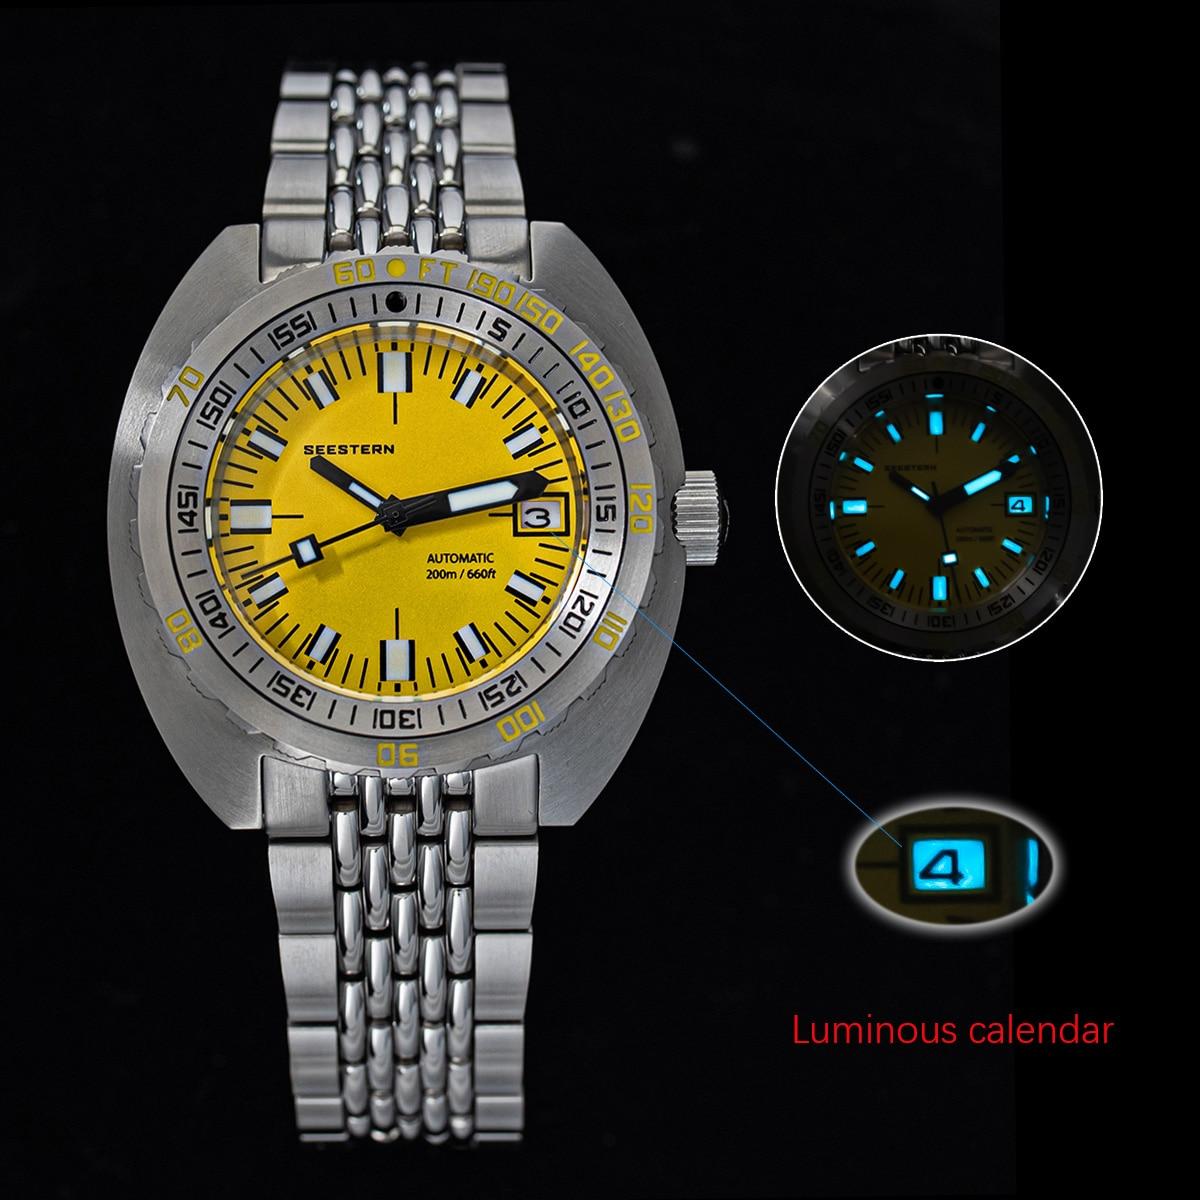 أفضل ماركة مضيئة غواص ساعة التلقائي الرجال تاريخ 200 متر بدوره سوار سيستيرن ساعة اليد الرجعية SUB300T الميكانيكية الياقوت غلاس